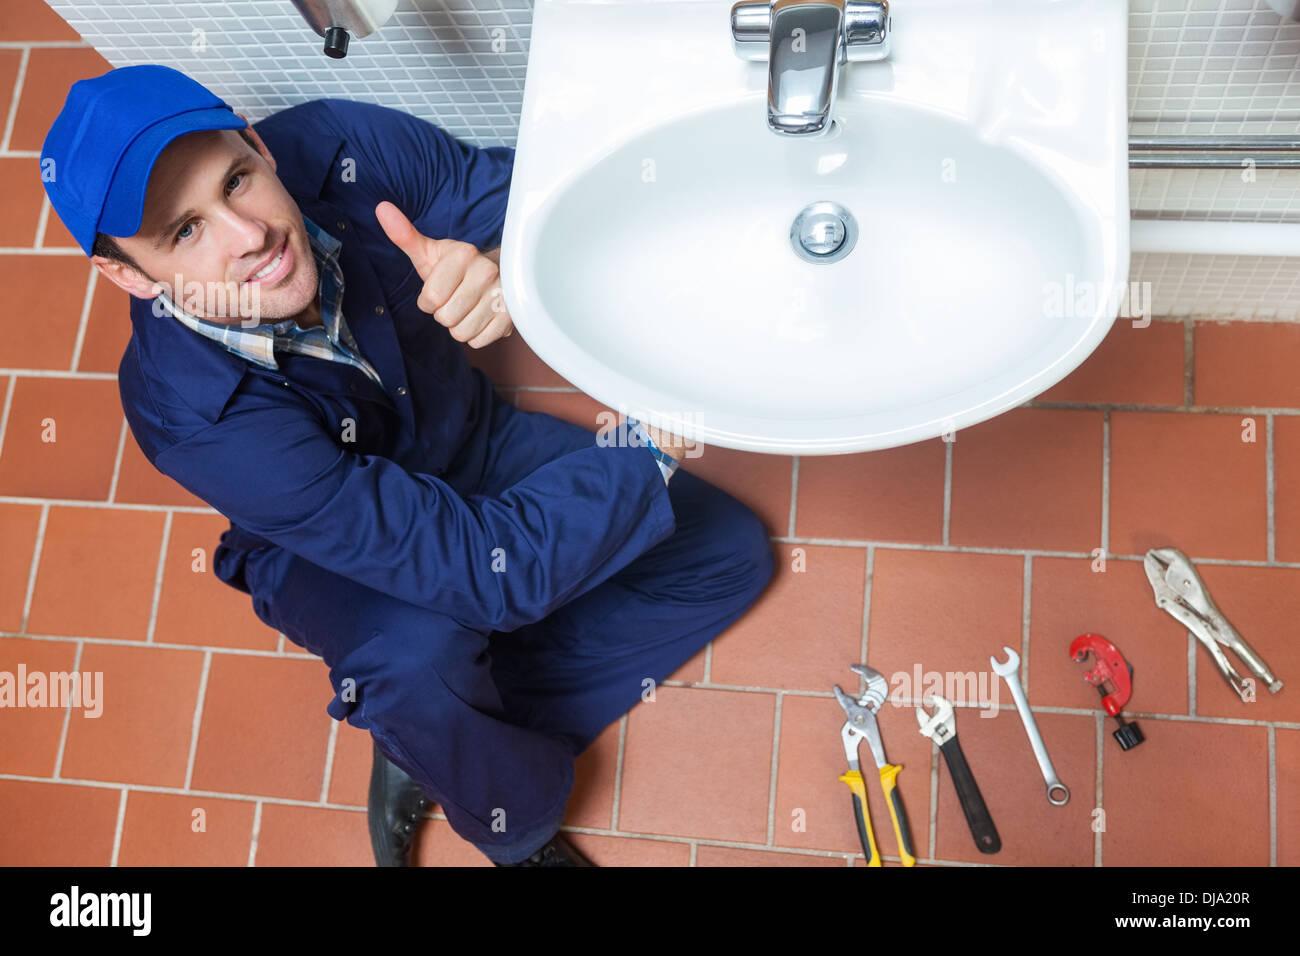 Fontanero sonriente reparación sink mostrando pulgar arriba Imagen De Stock